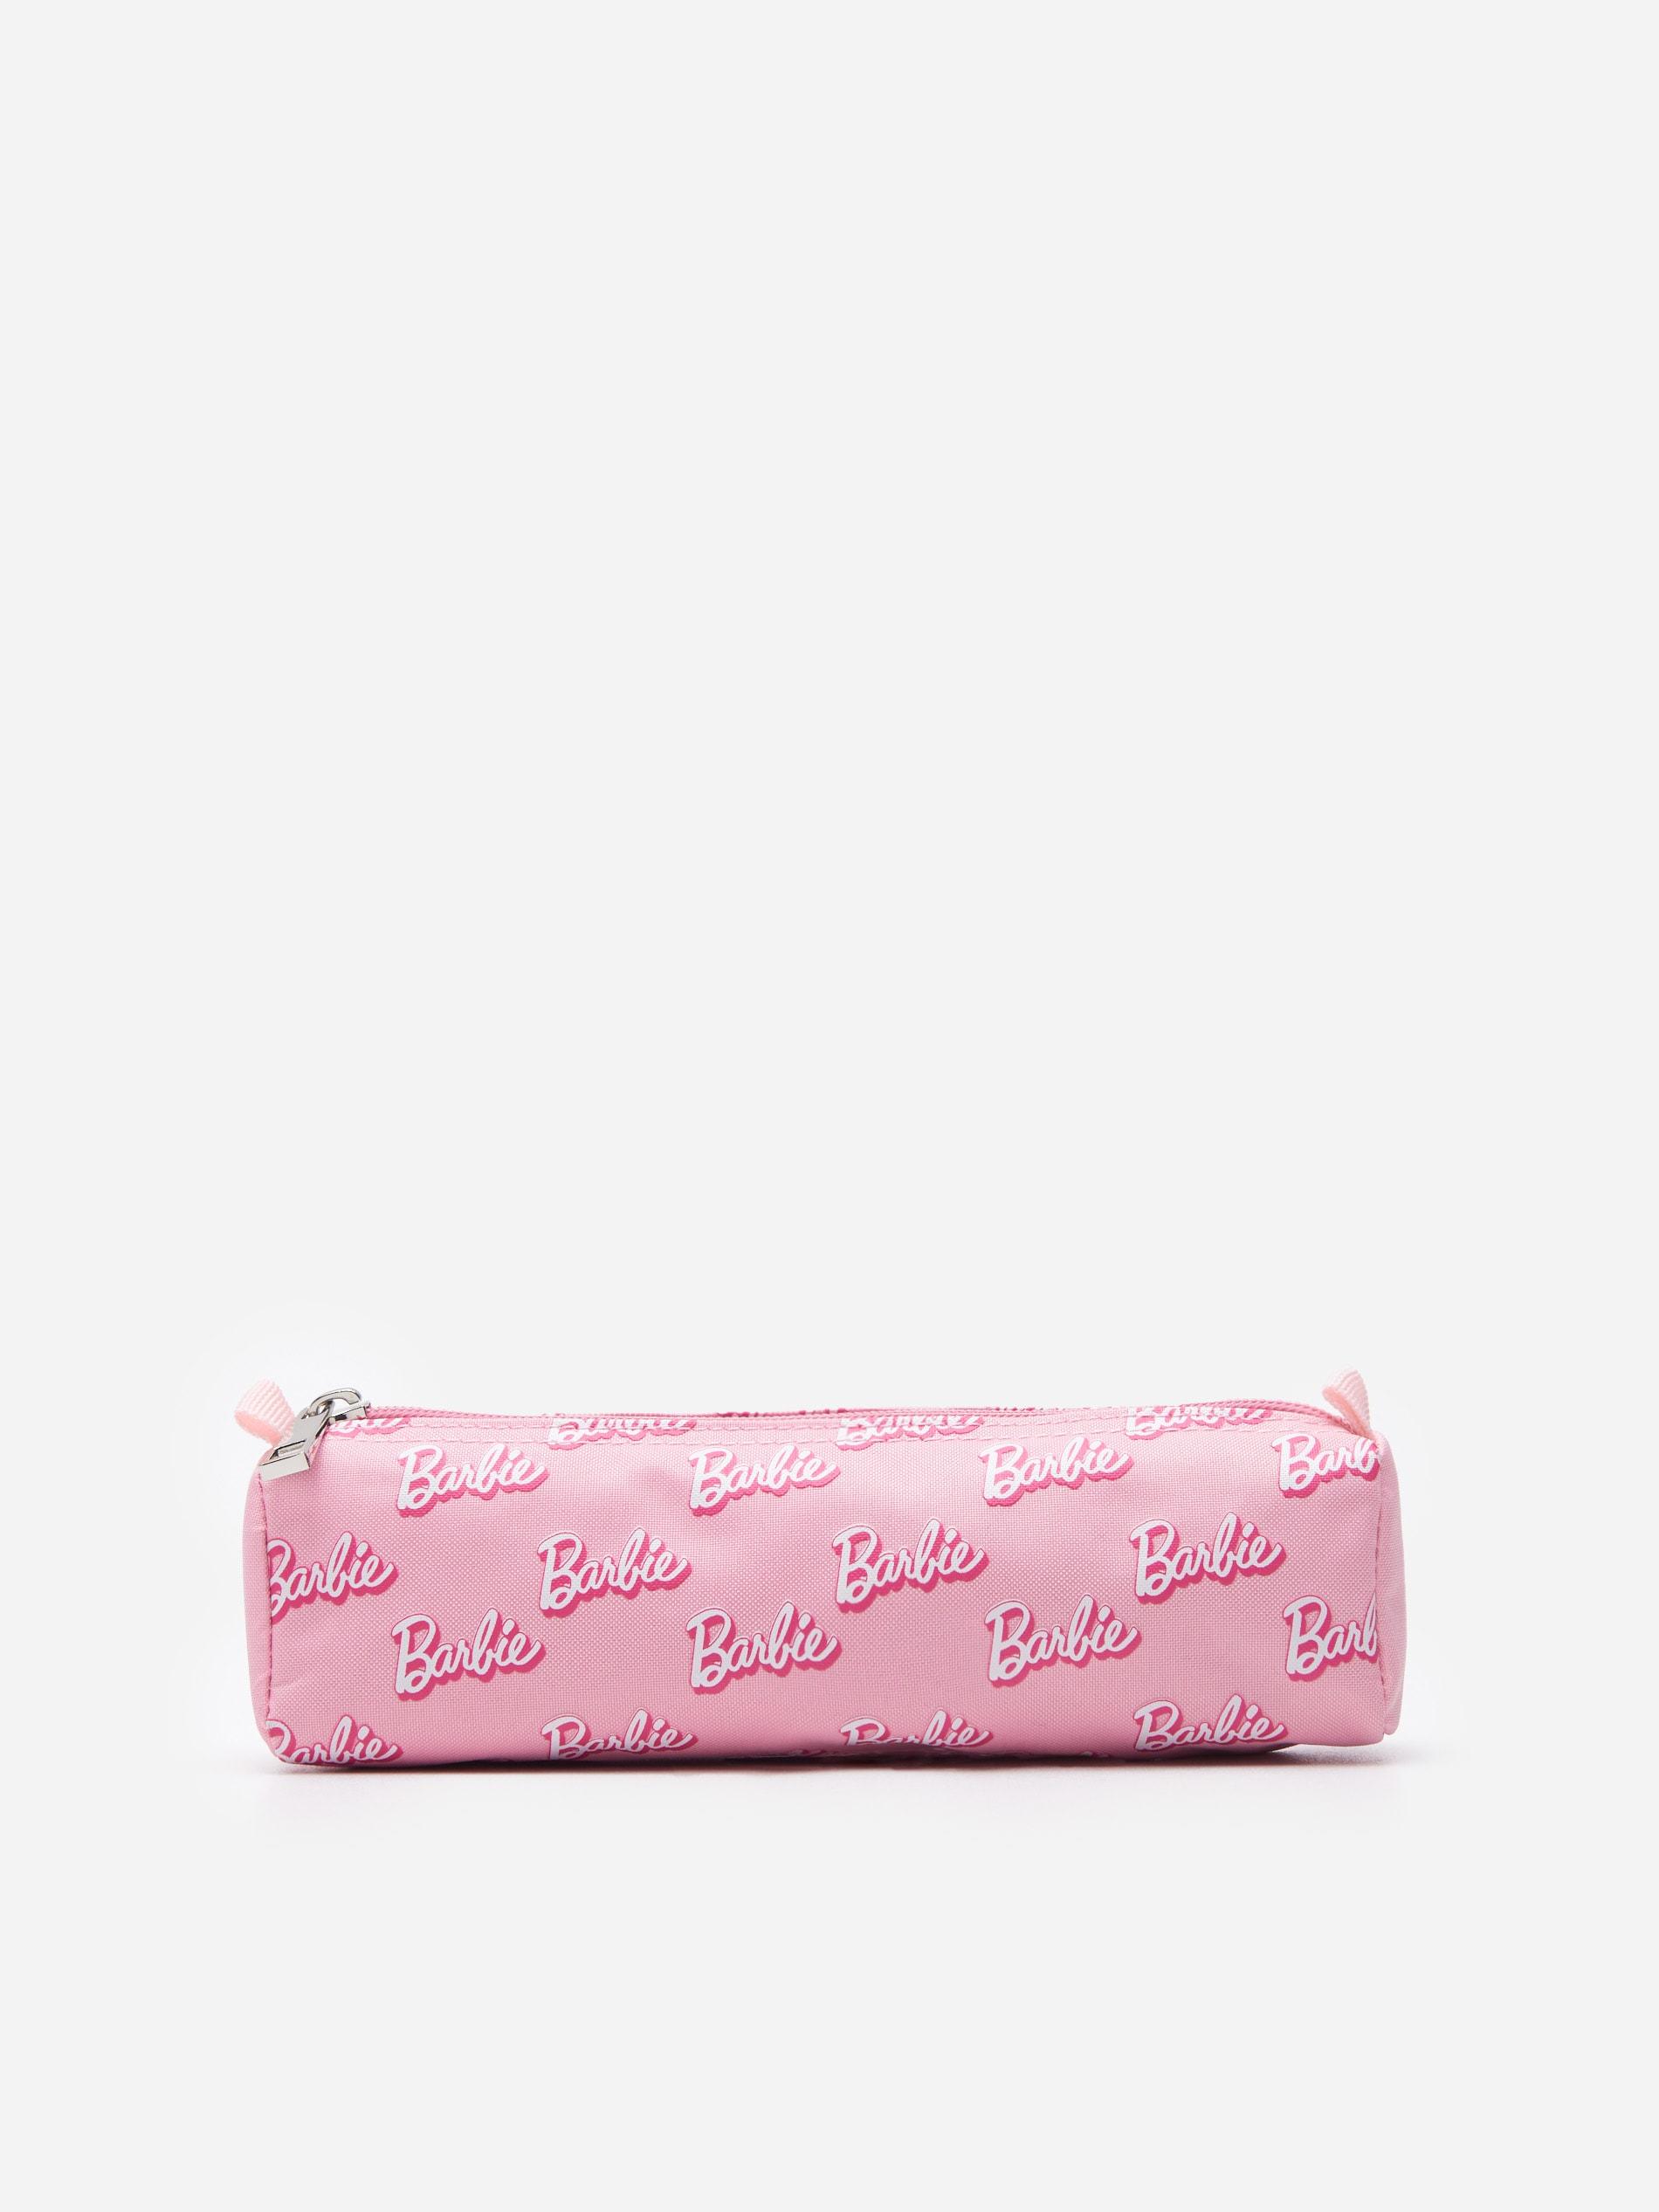 Piórnik Barbie - różowy - WY865-30X - HOUSE - 1